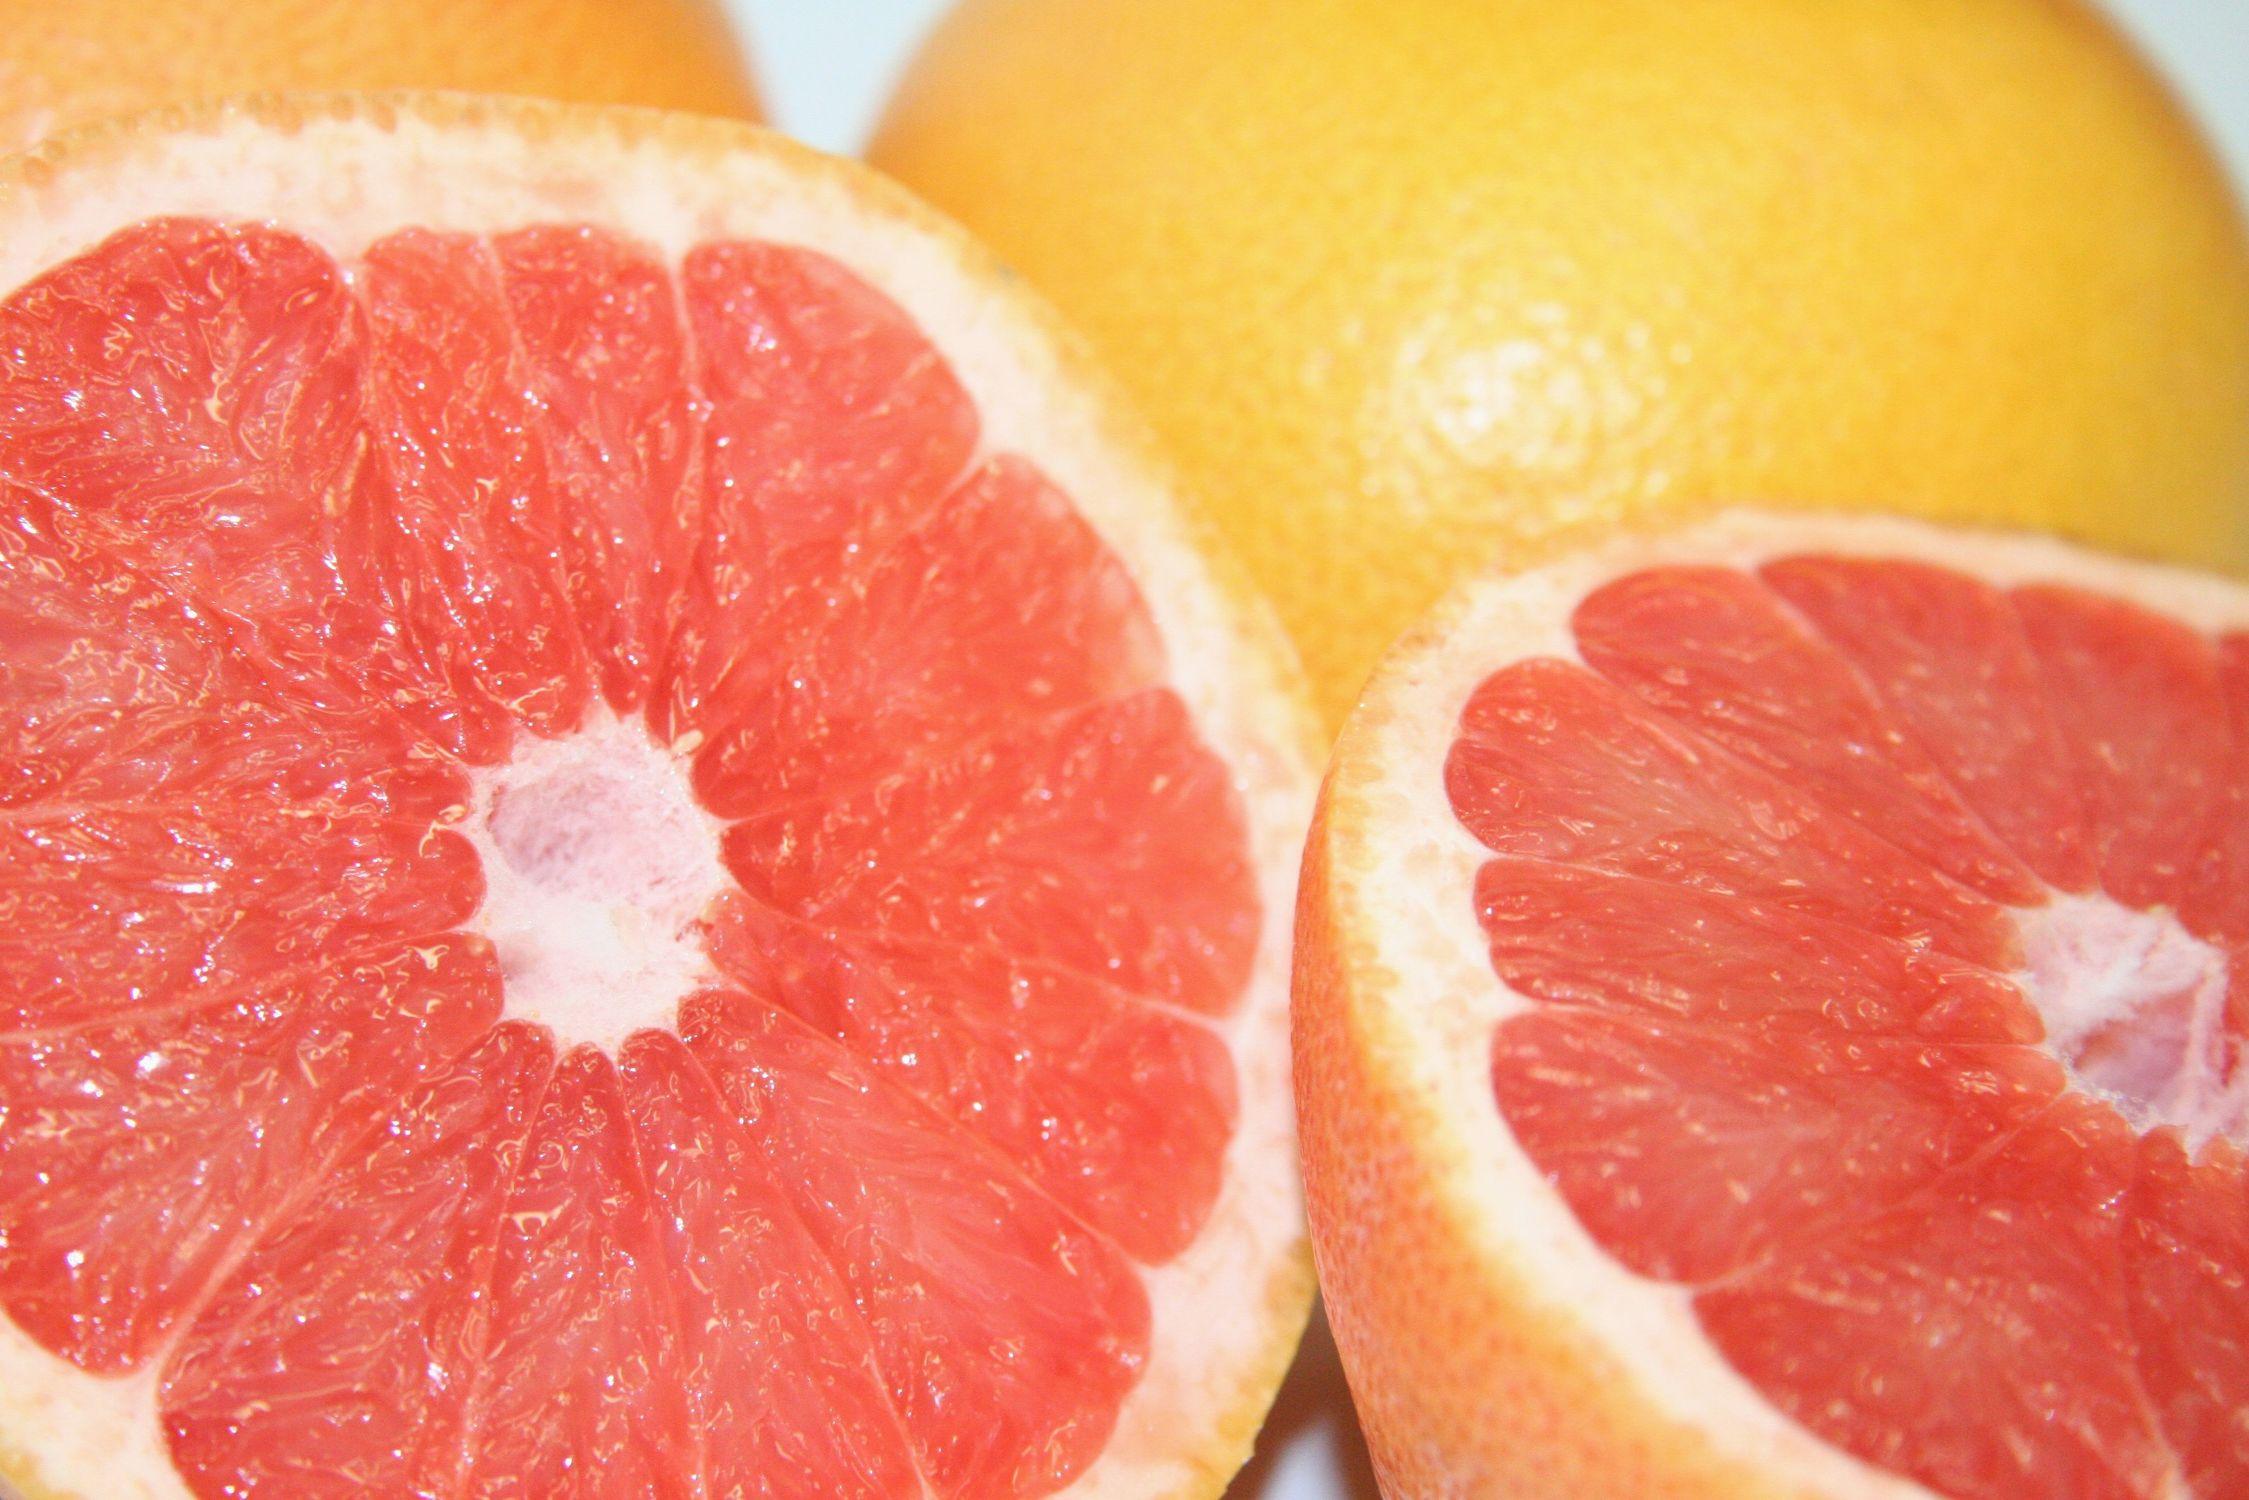 Bild mit Früchte, Lebensmittel, Essen, Zitrusfrüchte, Orangen, Grapefruits, Frucht, Grapefruit, Blutorange